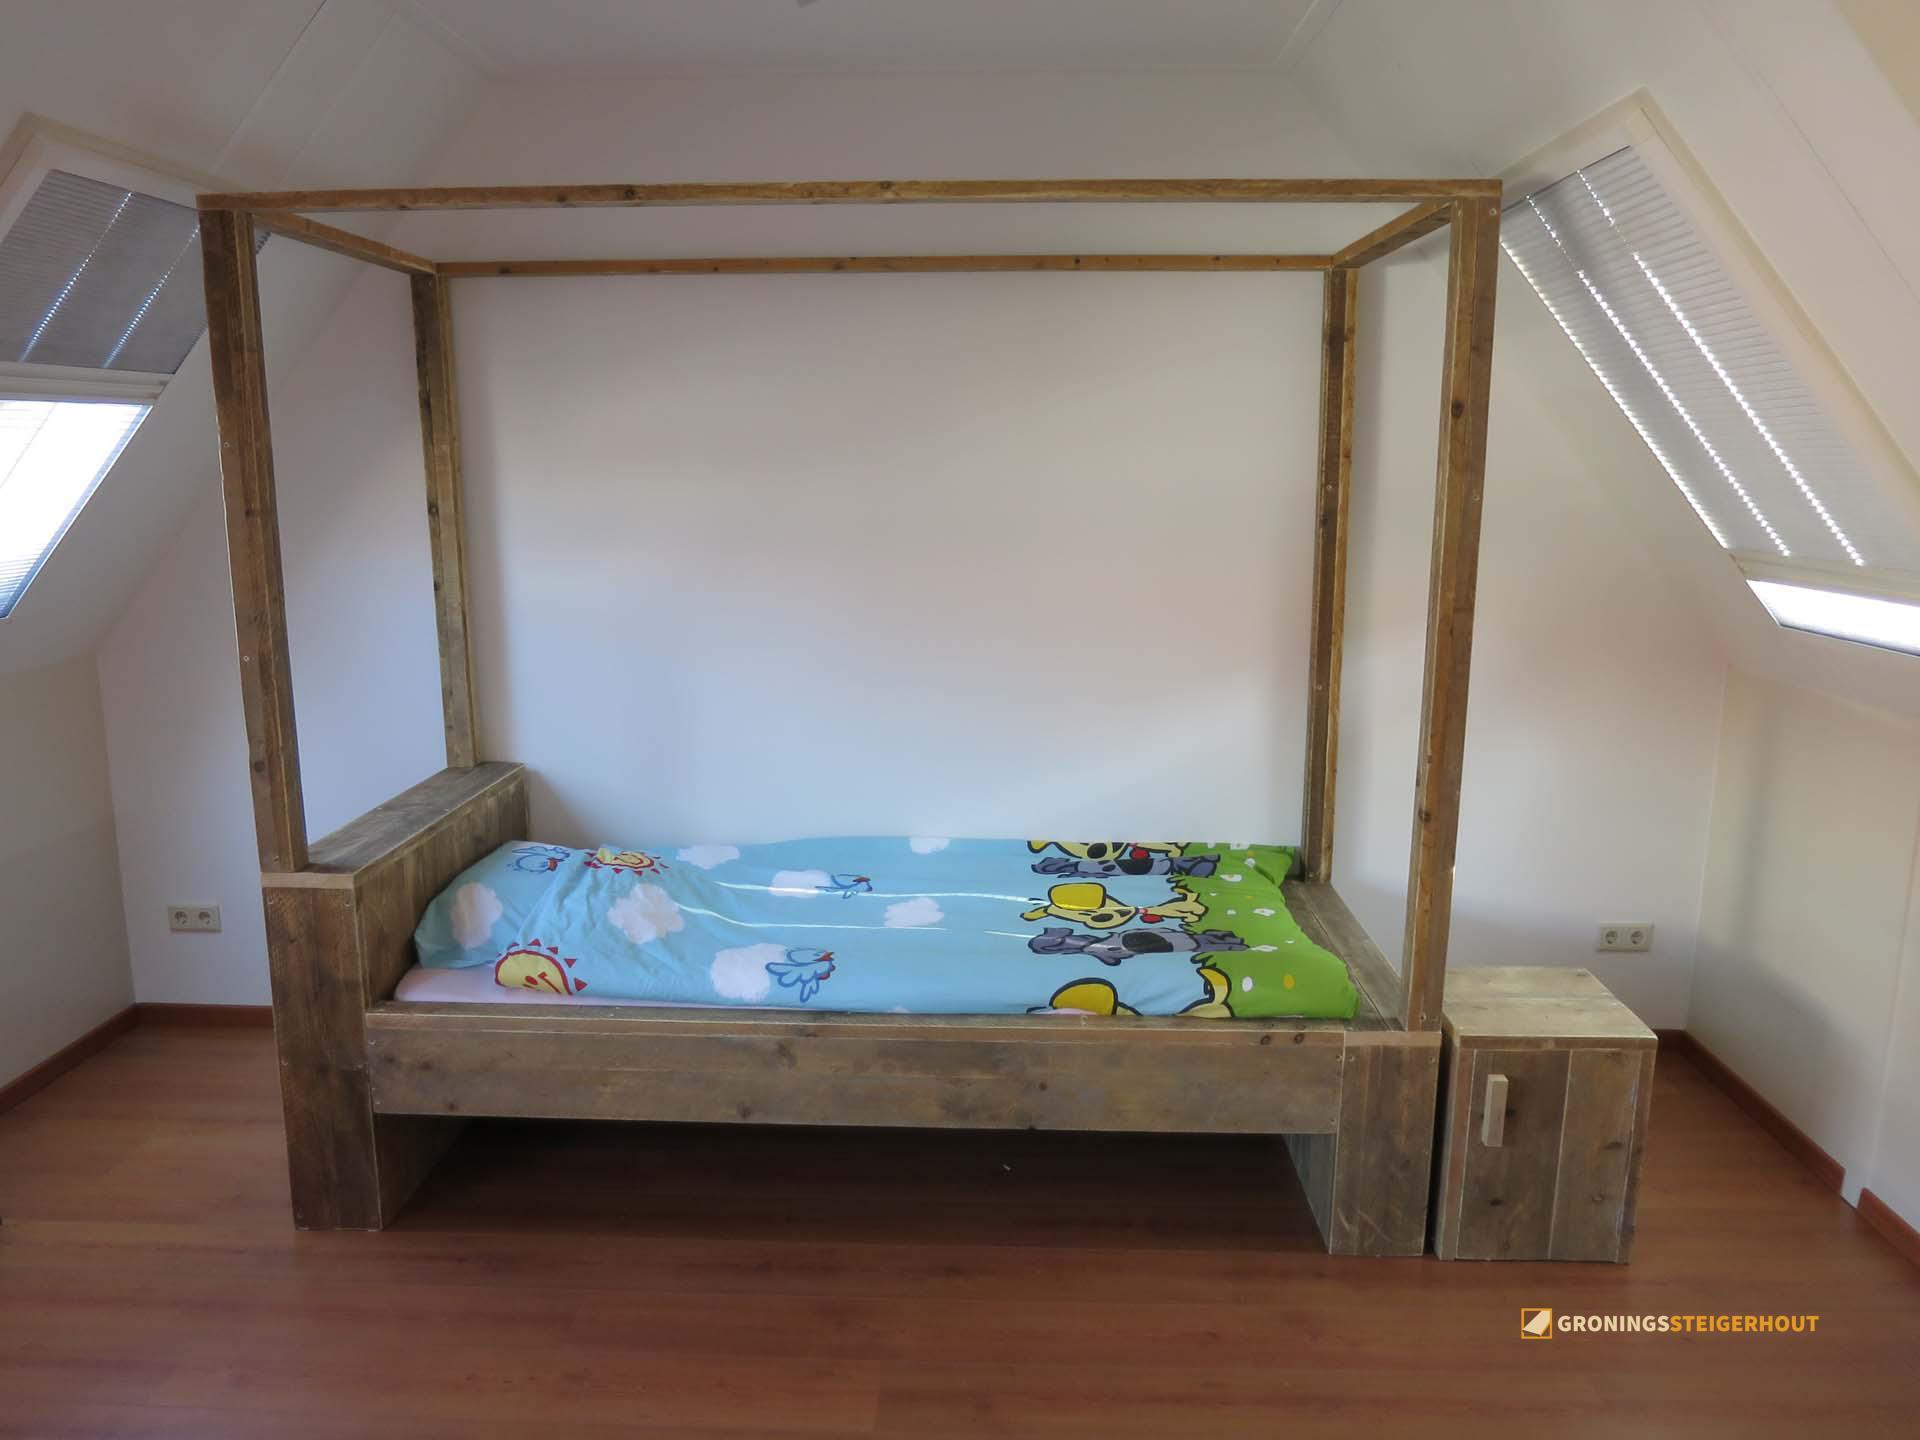 Slaapkamer | Gronings Steigerhout